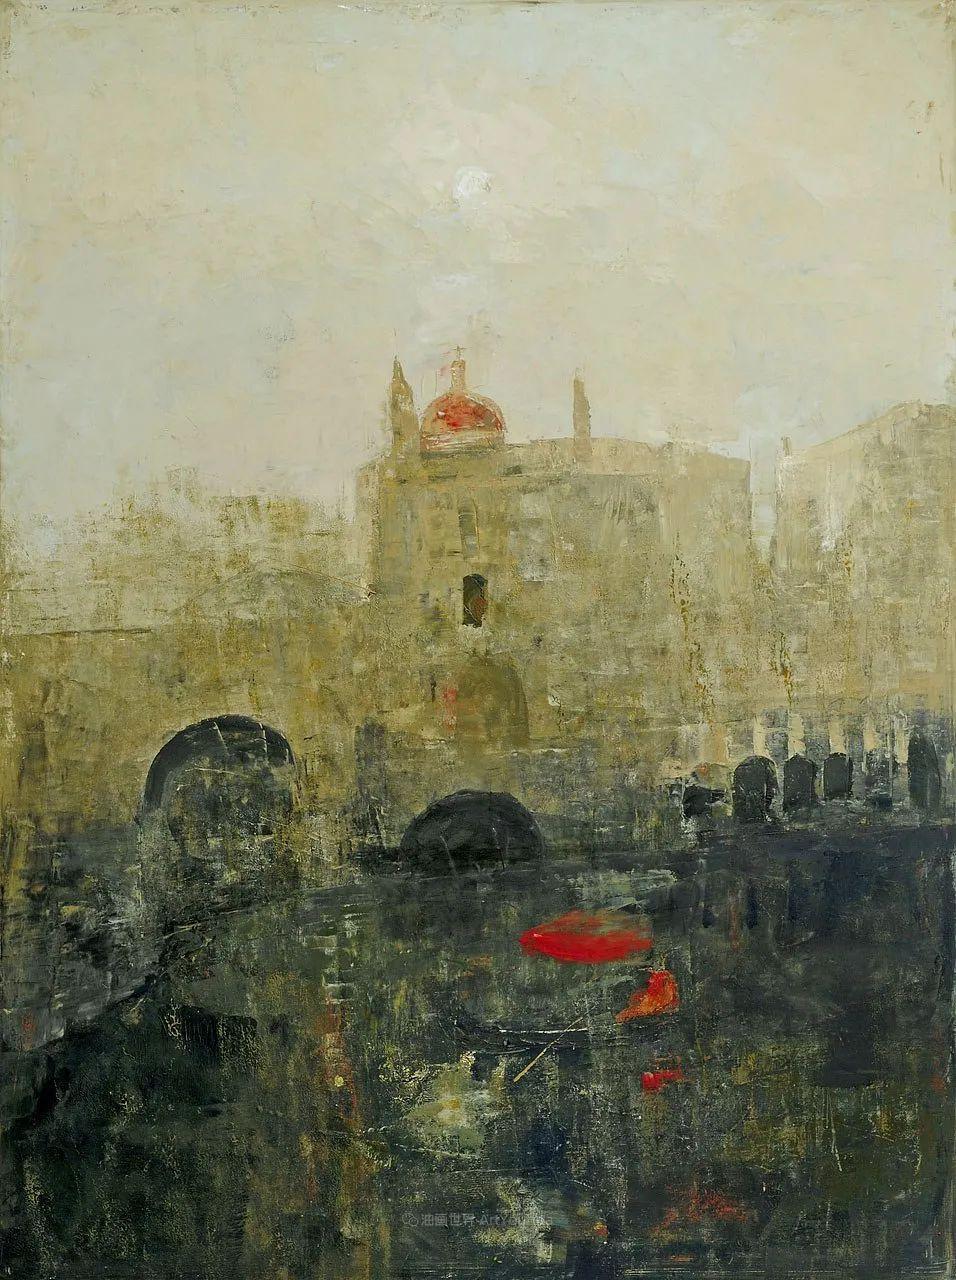 马耳他女画家 Goxwa Borg 戈克斯瓦·博格作品欣赏: 古典又现代!插图37